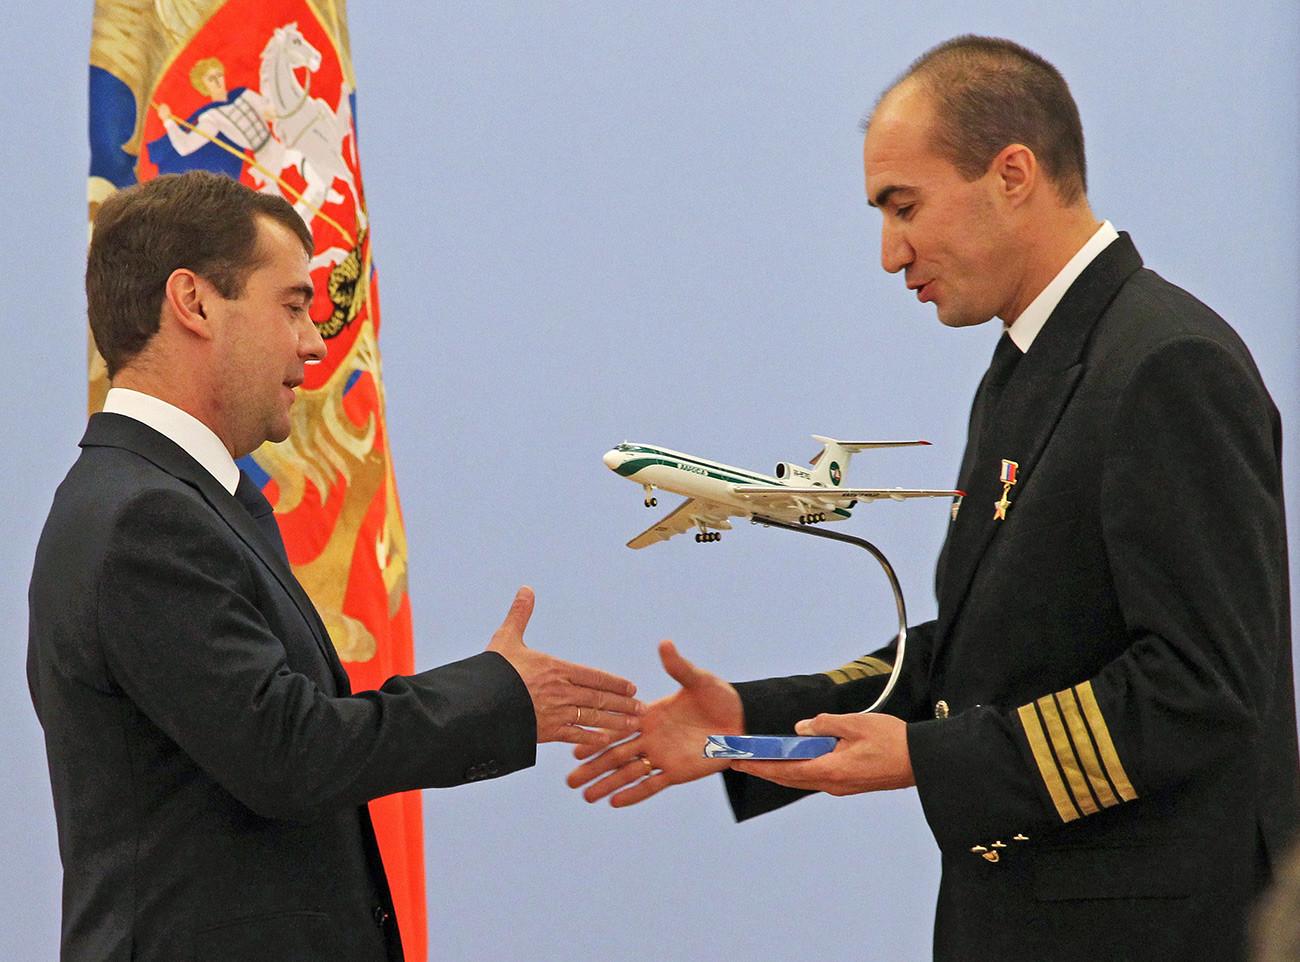 El expresidente ruso, Dmitri Medvédev, felicita a Evgueni Novosiólov, capitán del Tu-154, que recibió el título del Héroe de Rusia.